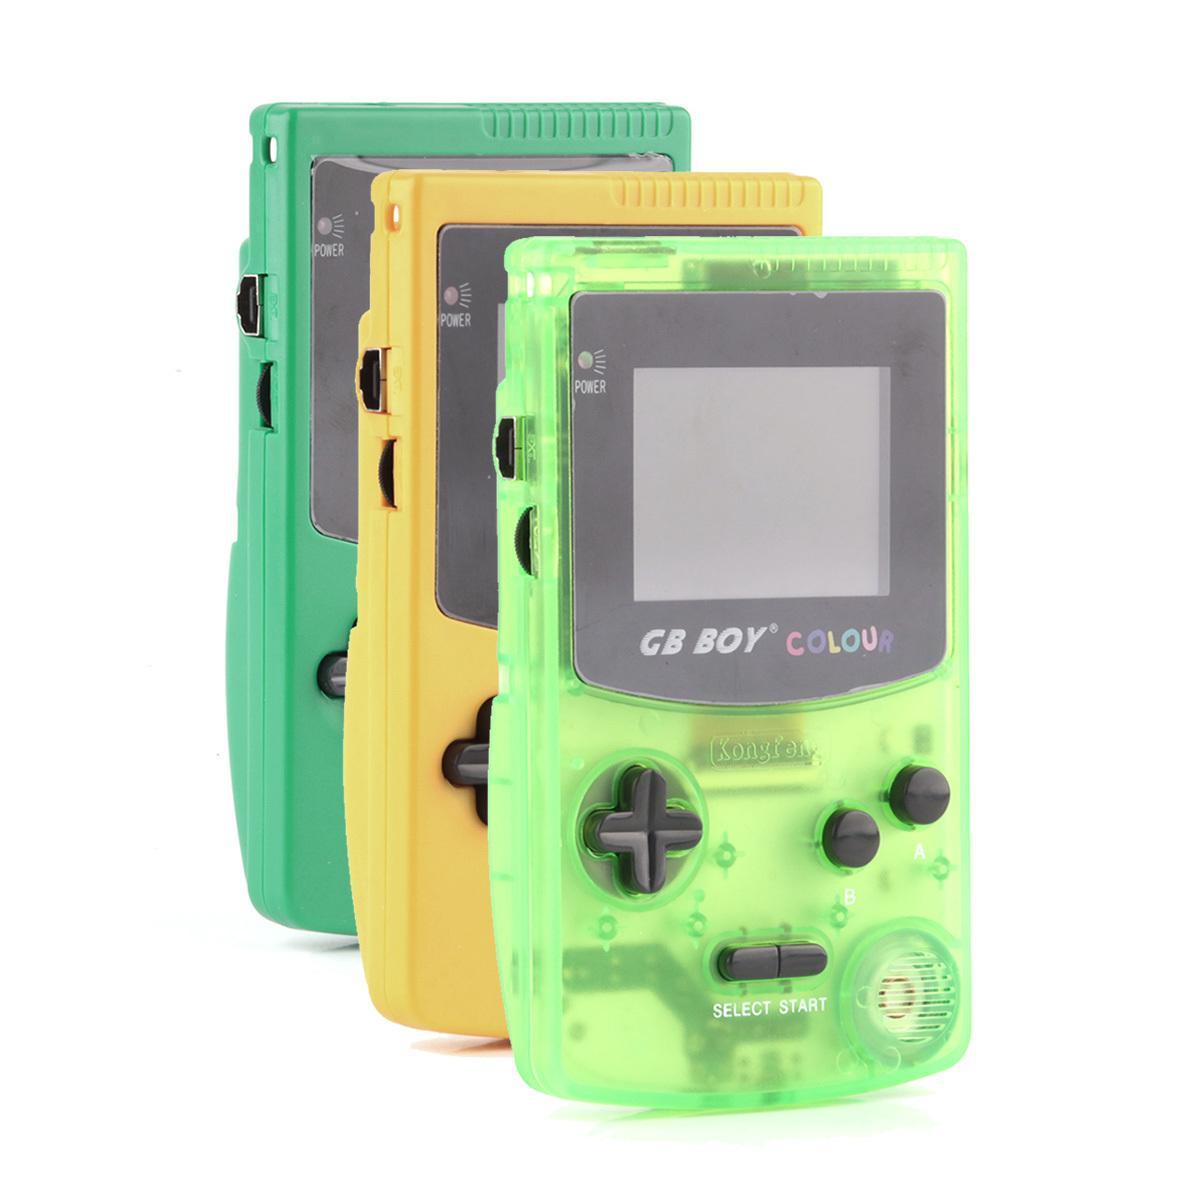 """1 pz / lotto GB Boy Color Color Color Game Game Player 2.7 """"Portable Classic Game Console console con retroilluminazione 66 Games Built-in LJ201204"""